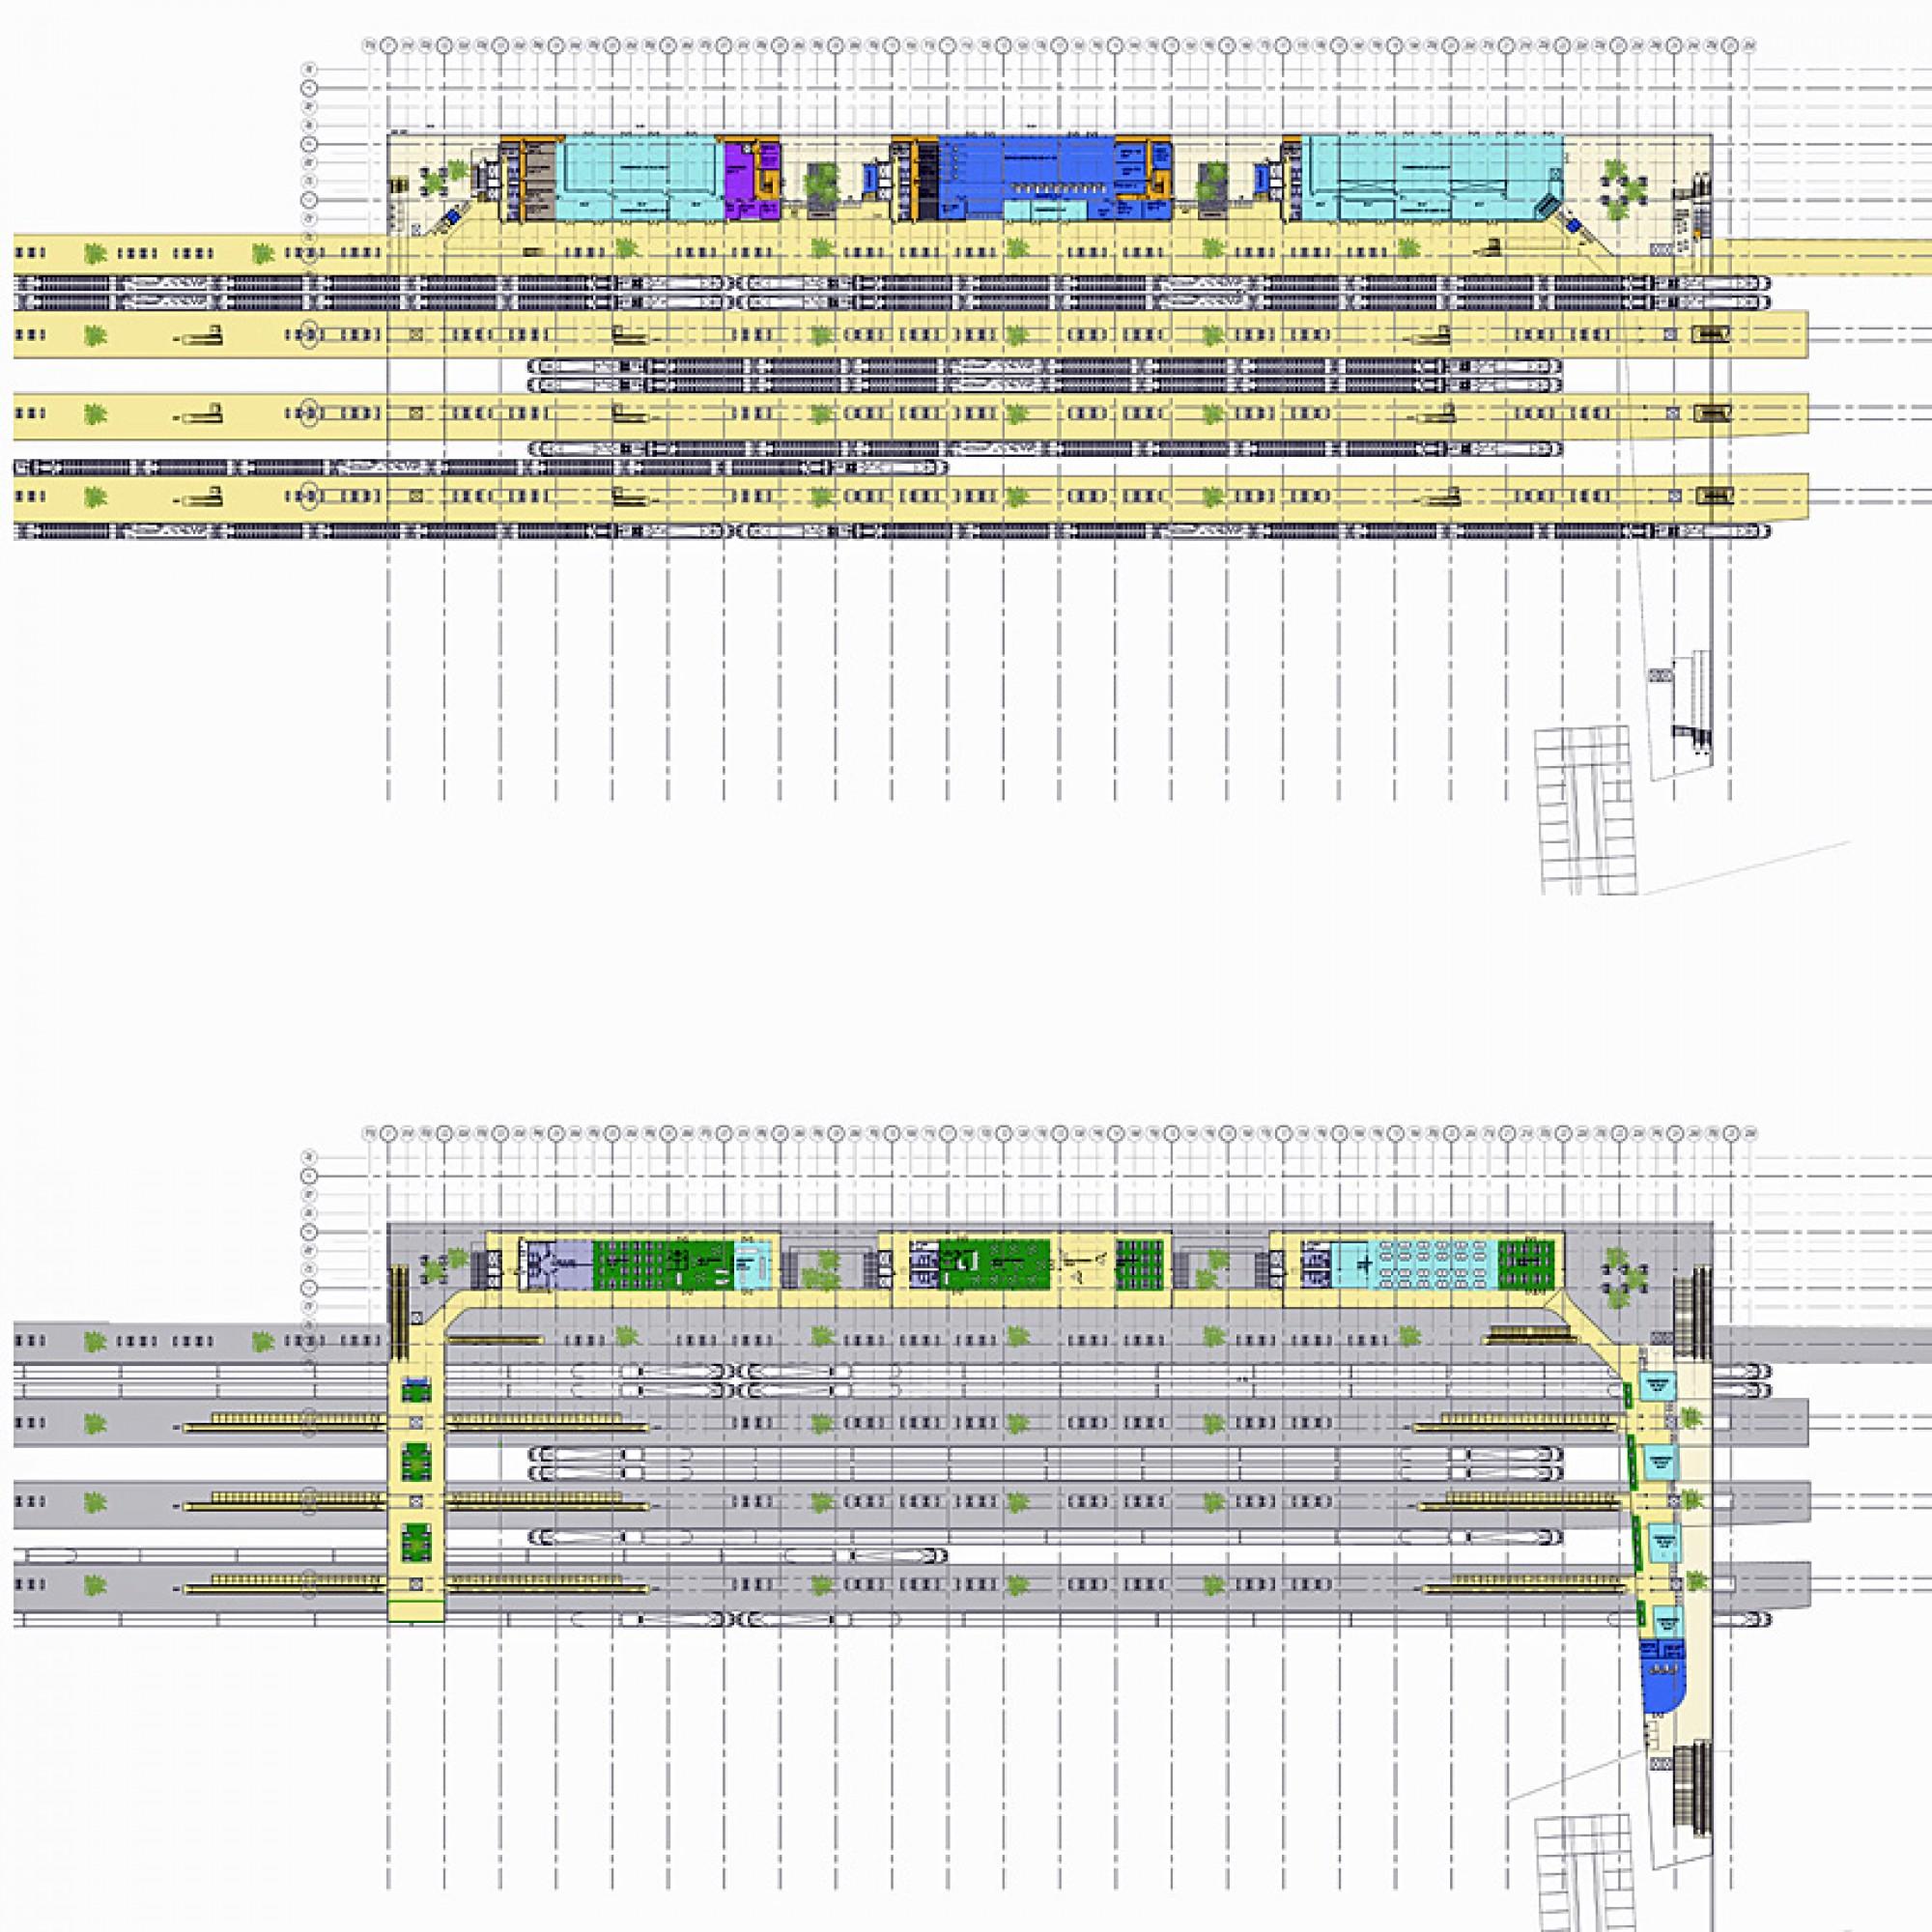 Grundrisse der zwei Hauptebenen des Bahnhofs. (Bild: Architekten)